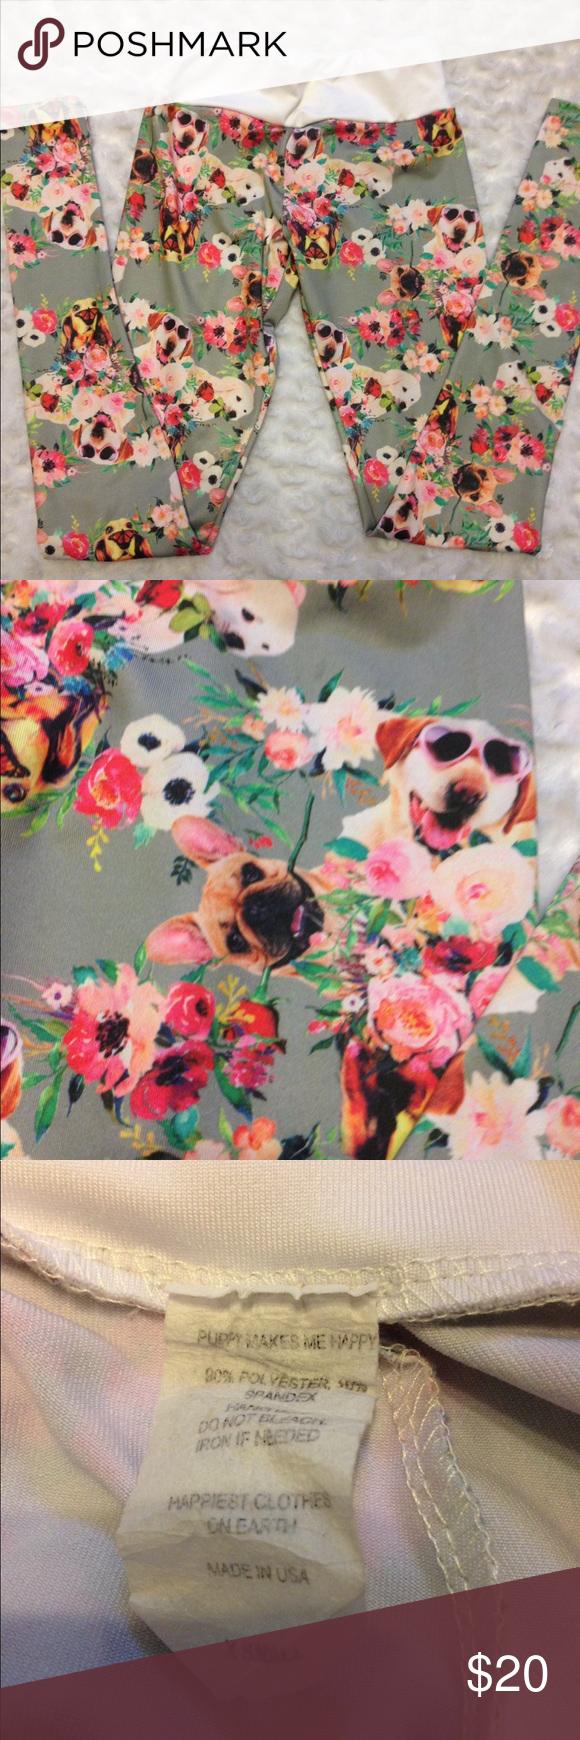 66ea7047fa9 Happiest Clothes on Earth Leggings Happiest Clothes on Earth-Puppies Make  Me Happy! Super